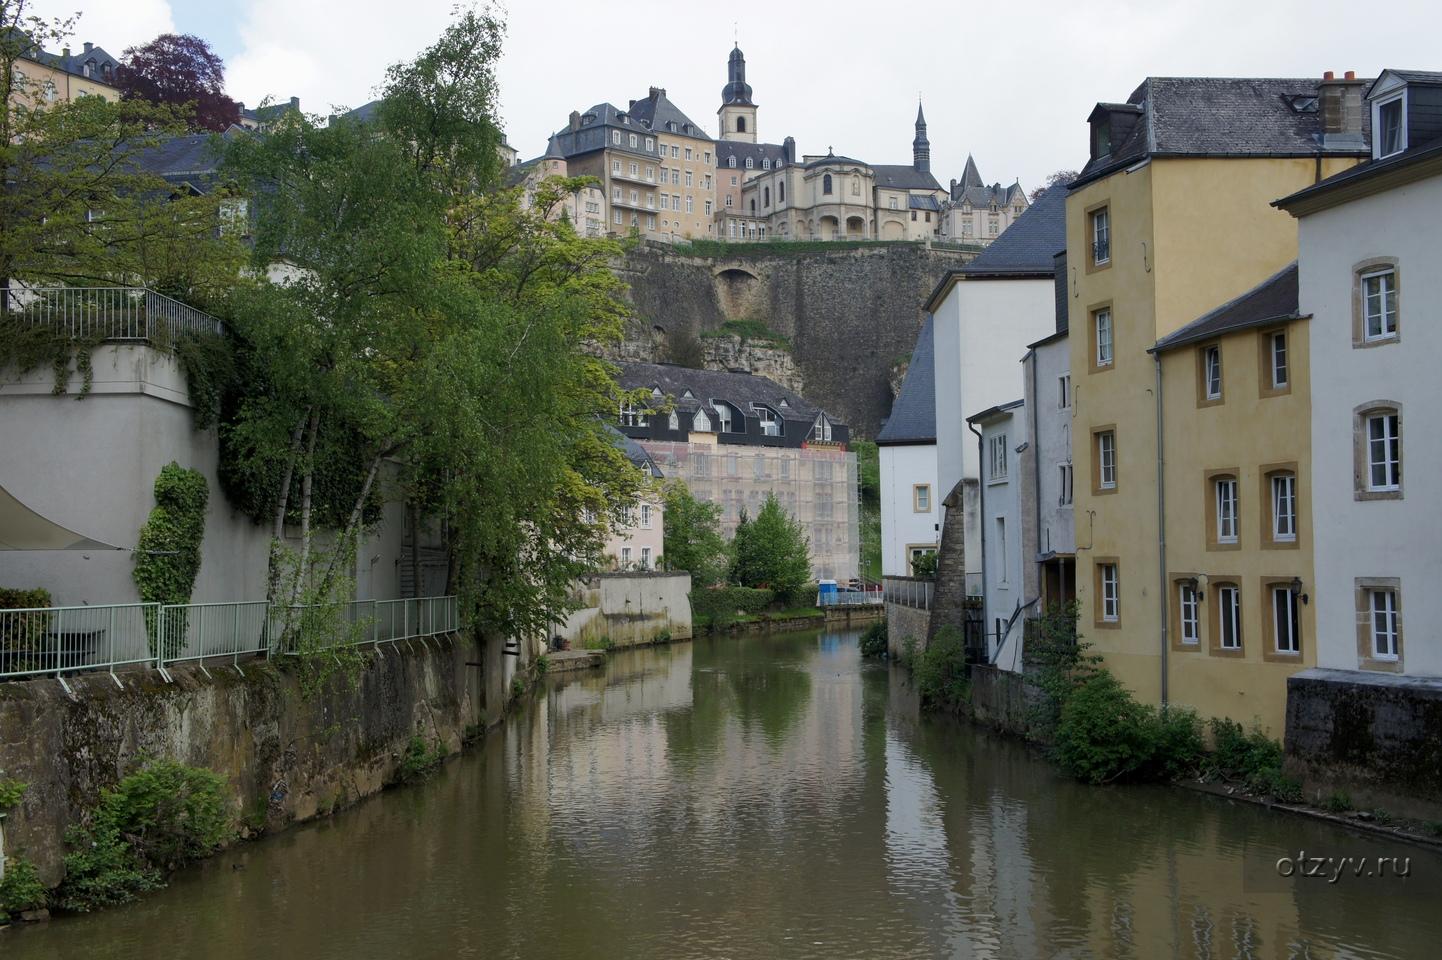 фото города люксембурга для проекта при включённой